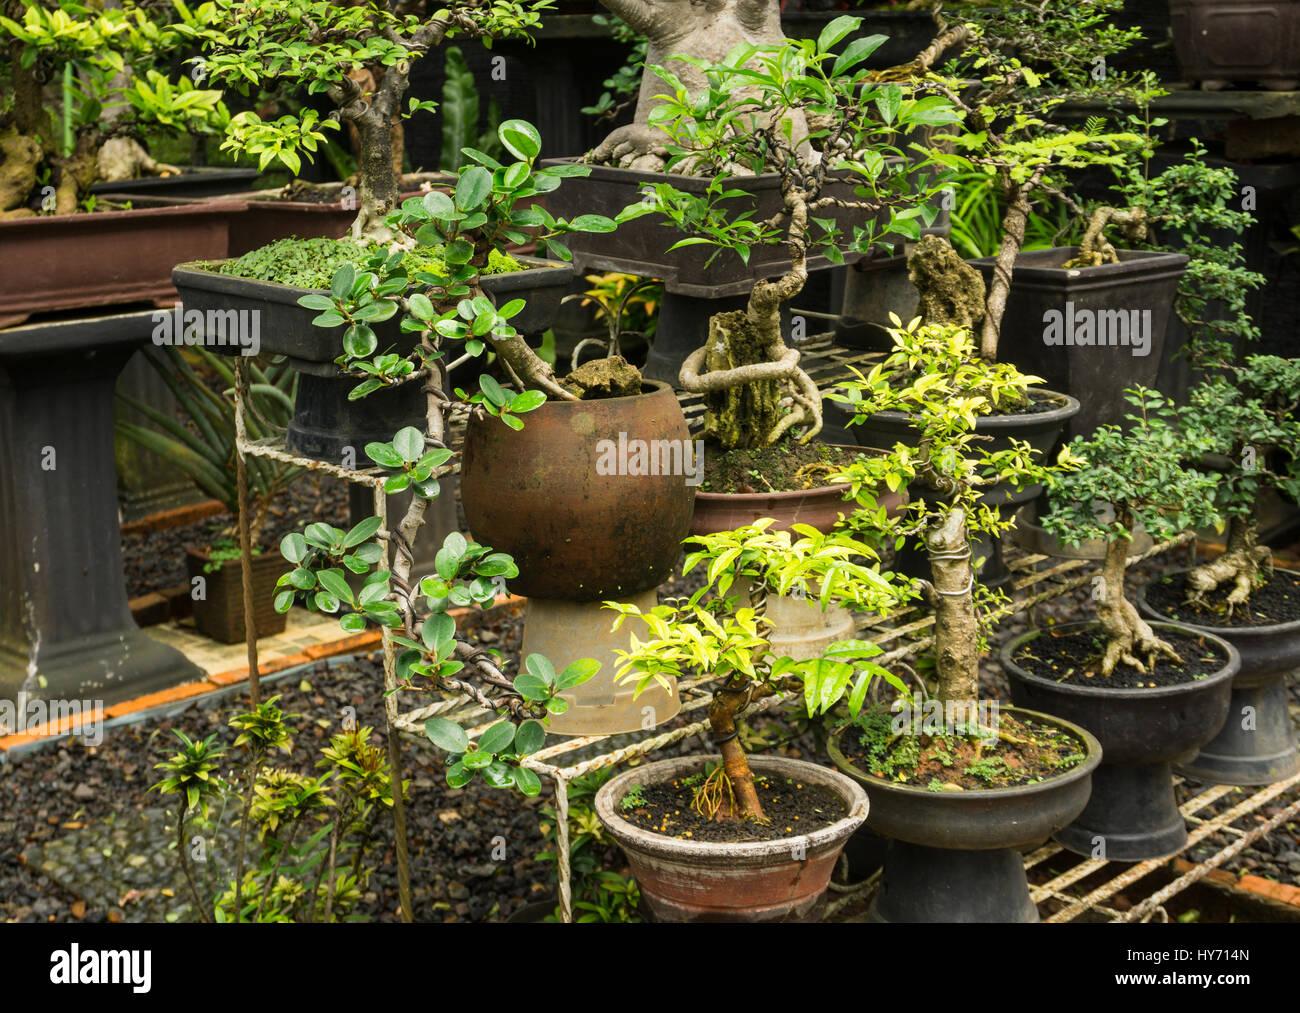 verschiedene arten von bonsai baum zu verkaufen f r zierpflanzen foto in jakarta indonesien. Black Bedroom Furniture Sets. Home Design Ideas